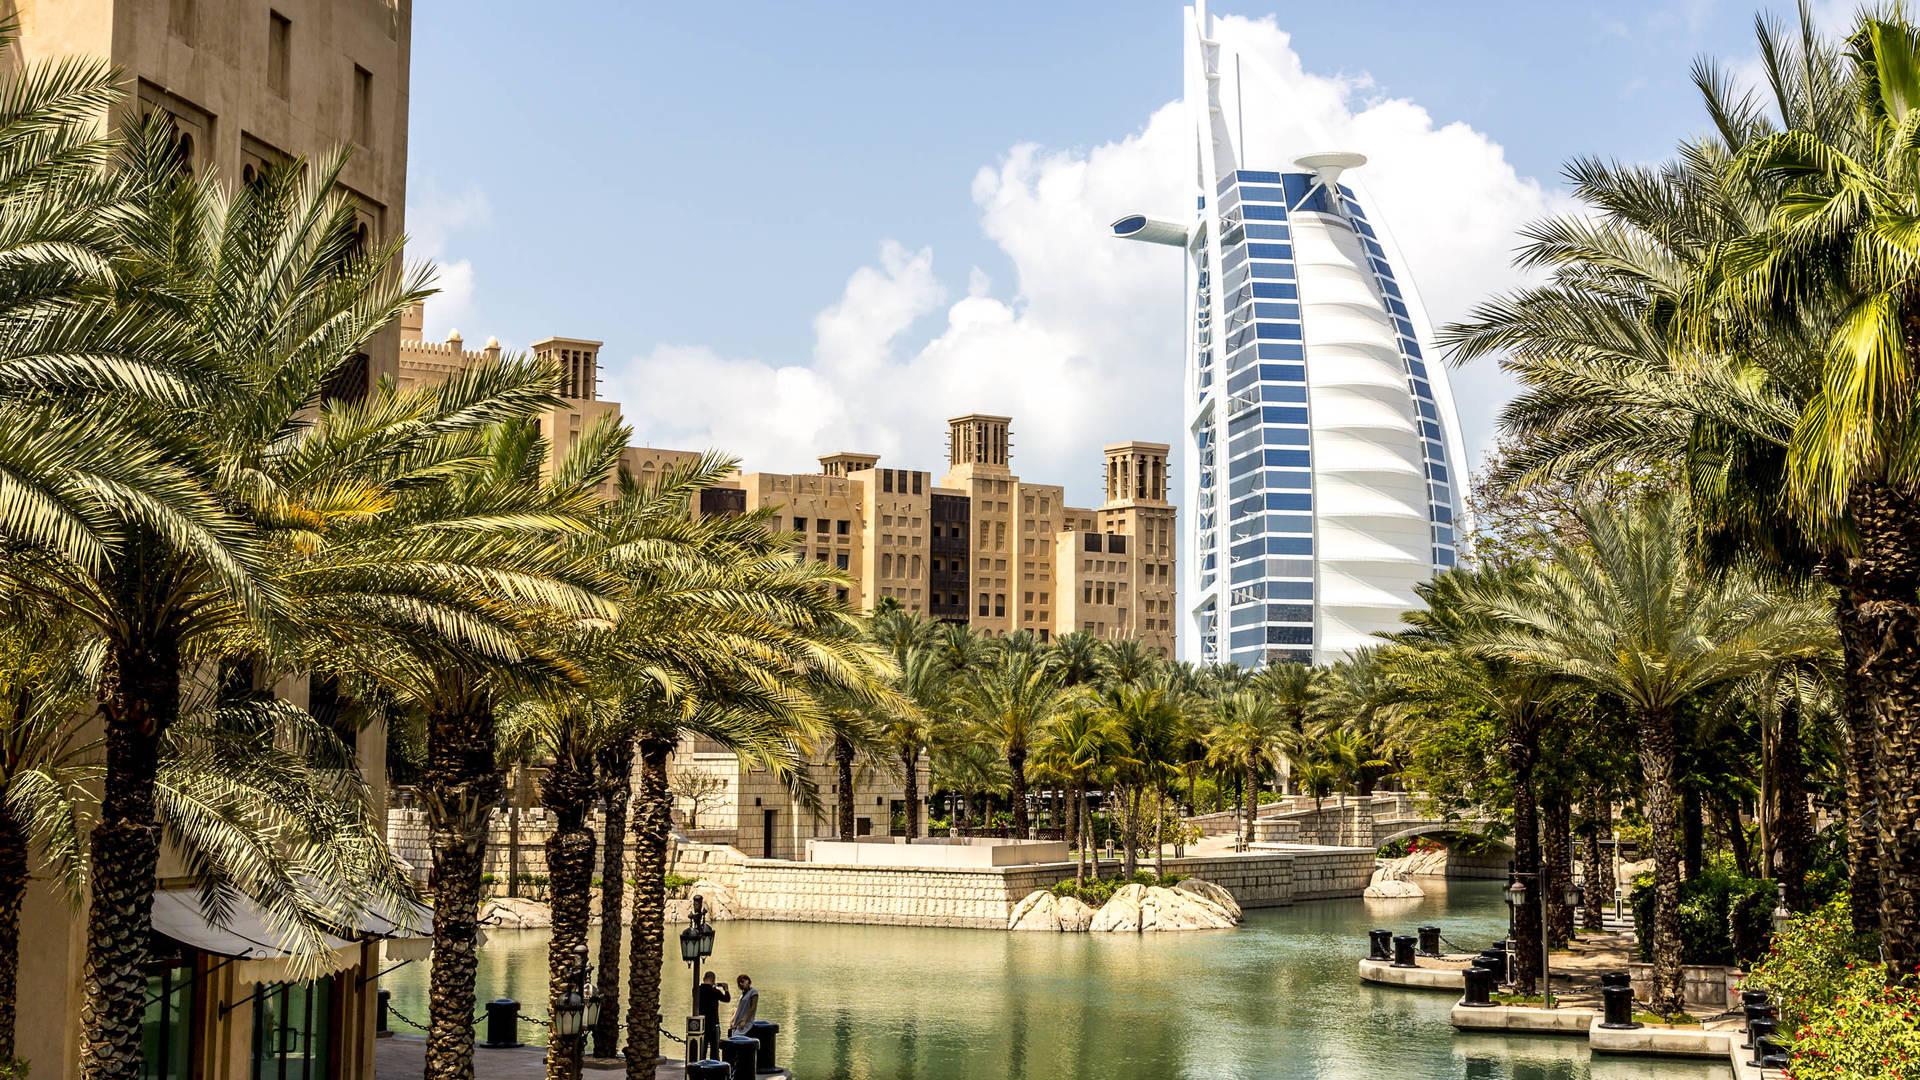 Canalside paths Souk Madinat Jumeirah istock Dubai